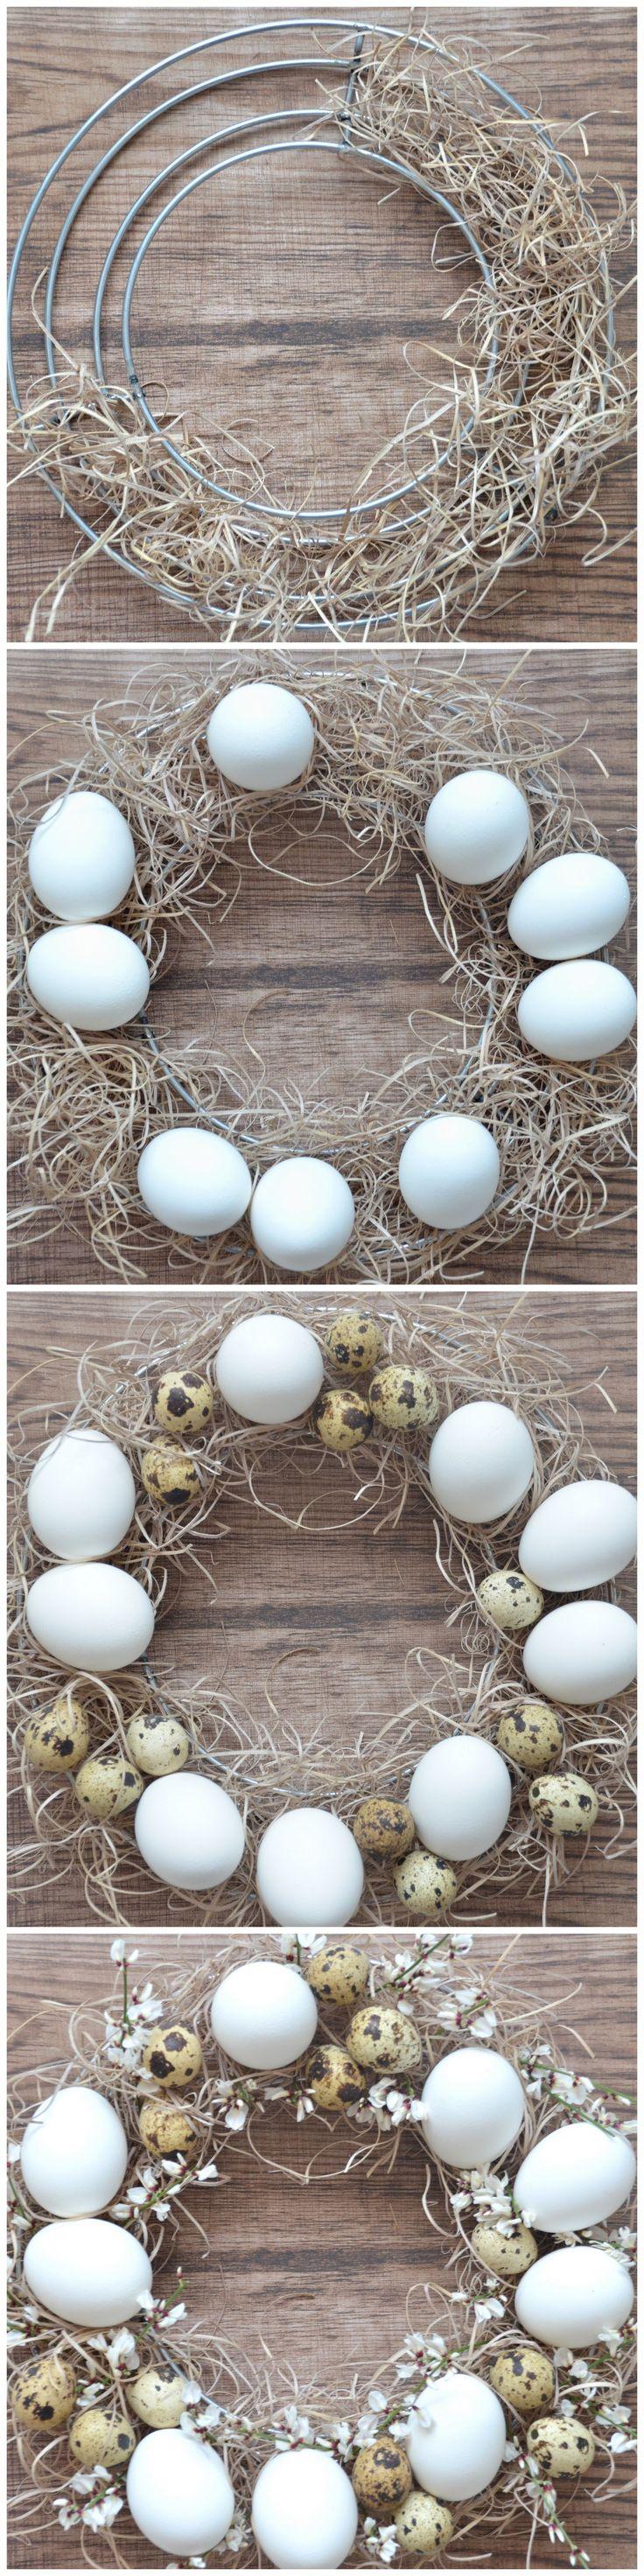 Ghirlanda centrotavola di Pasqua con uova di quaglia e fiori di ginestra, effetto natural chic